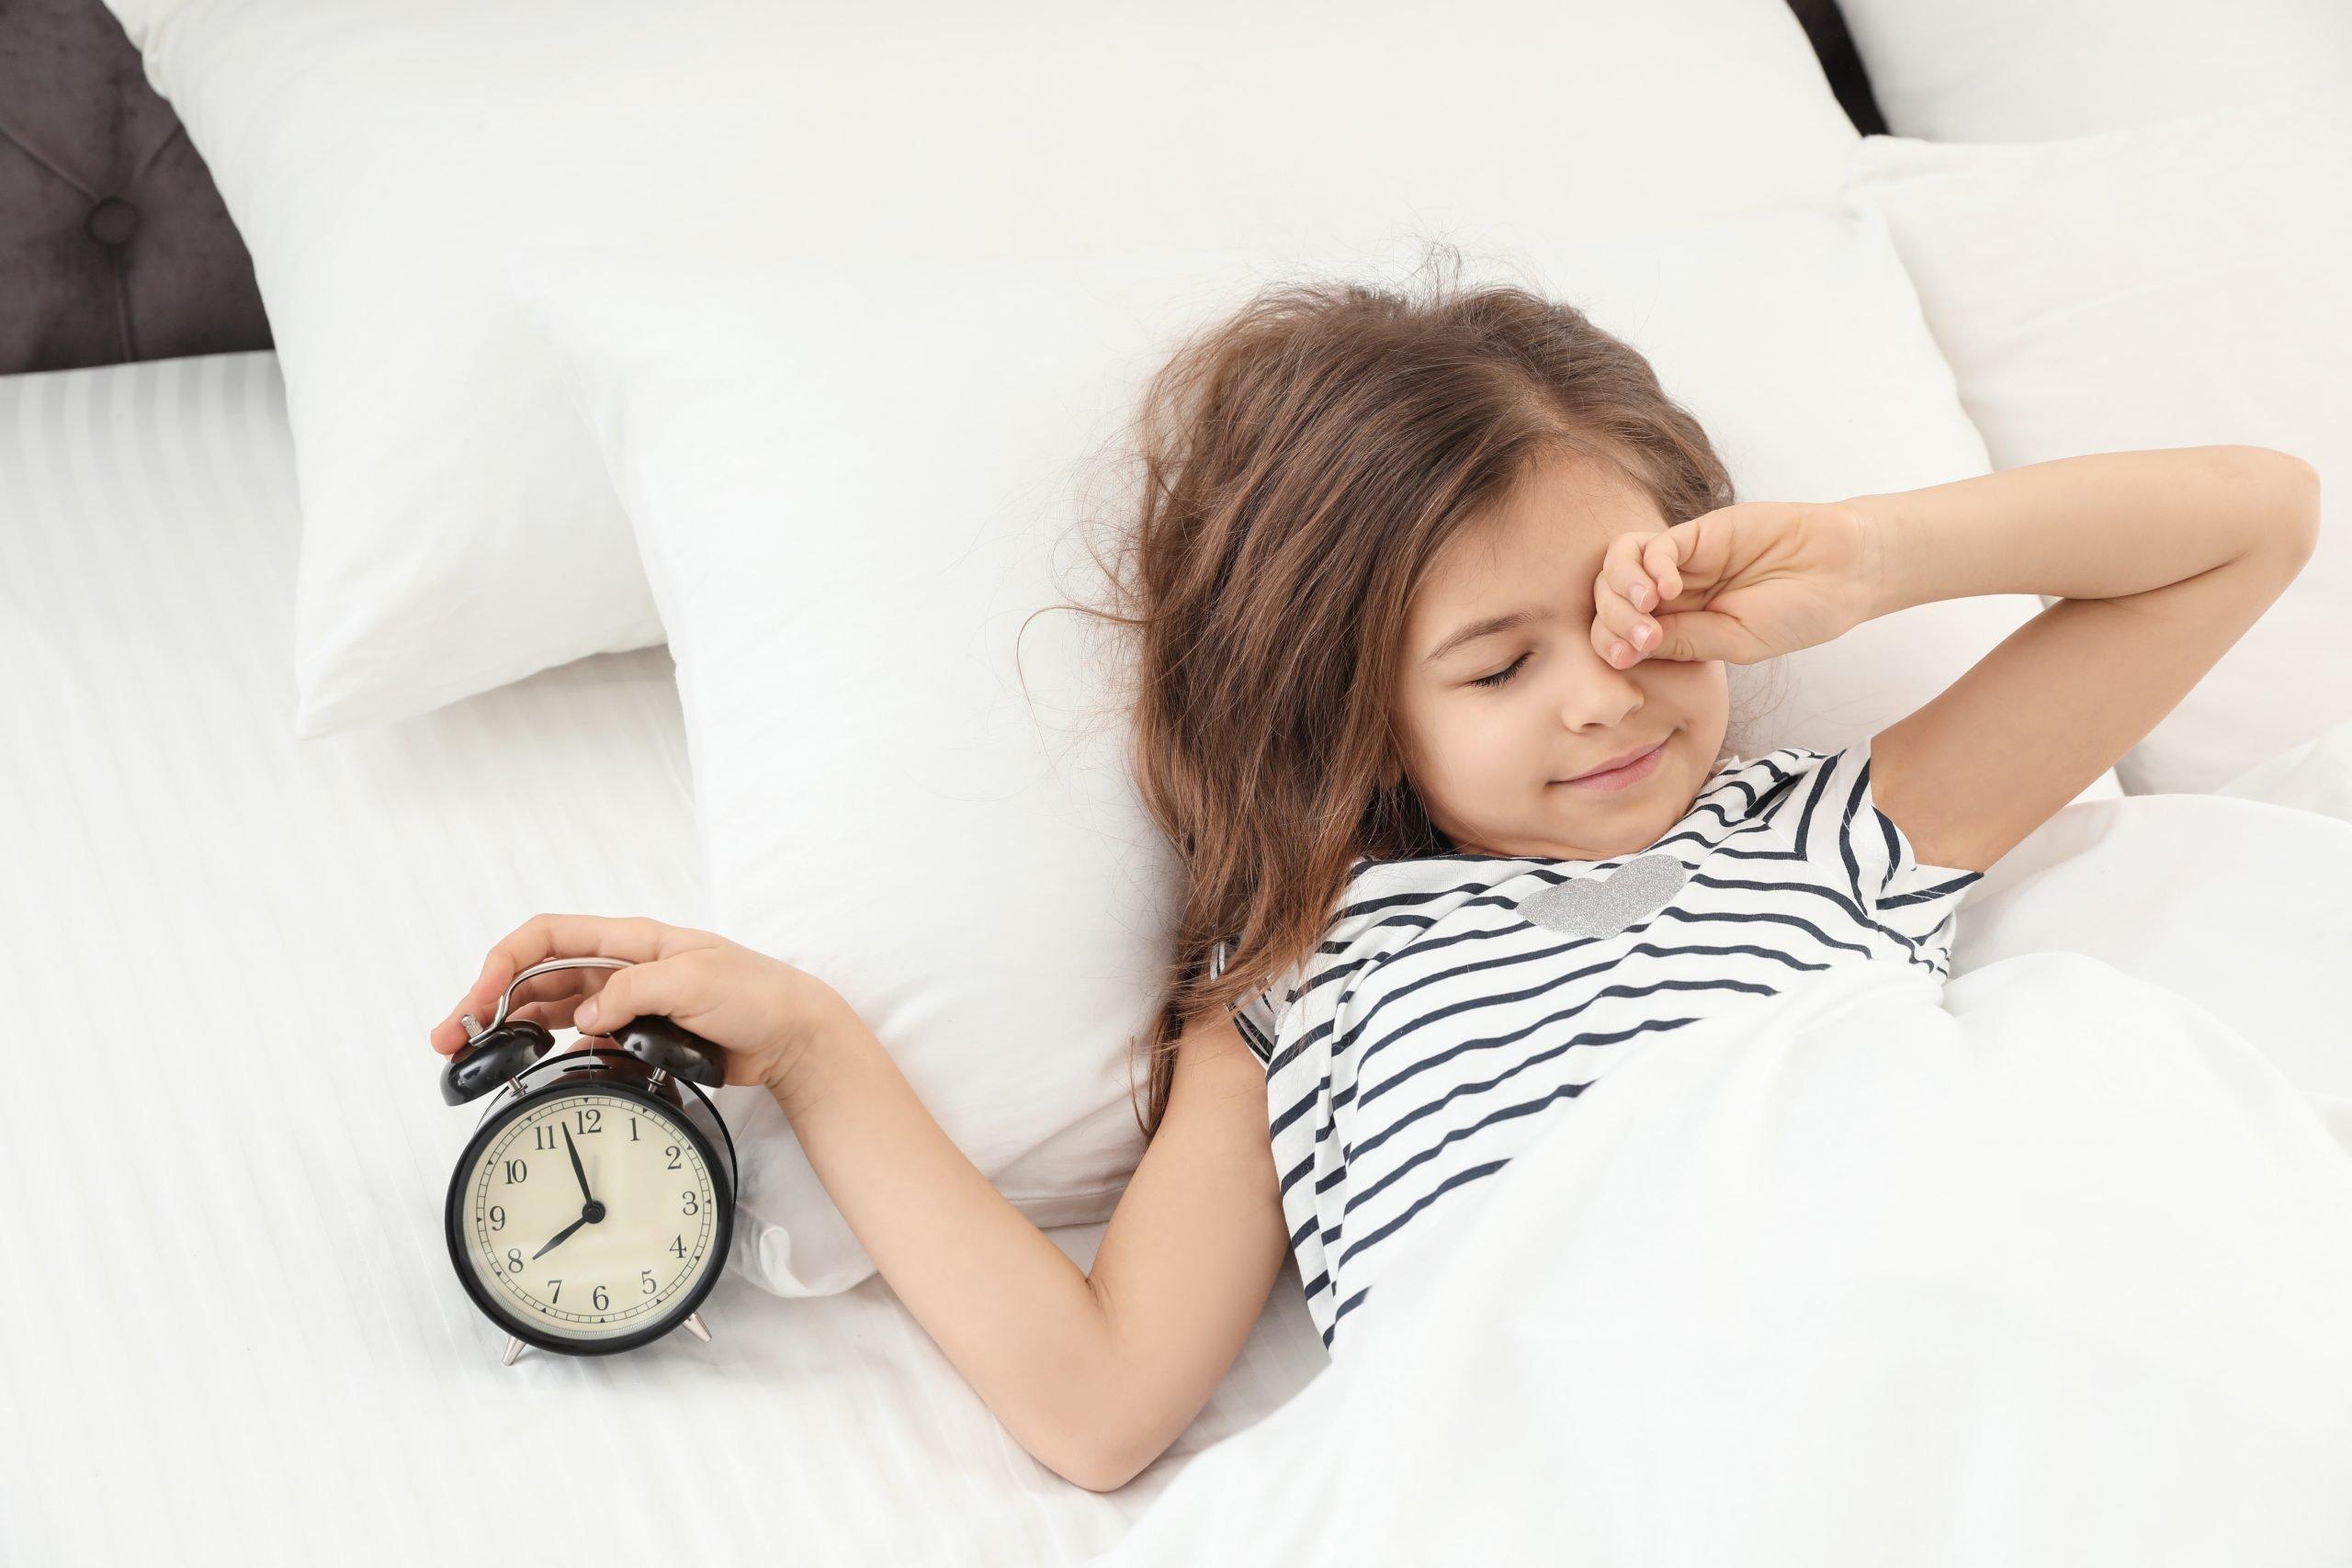 Sleep Breathing Disorders in Children